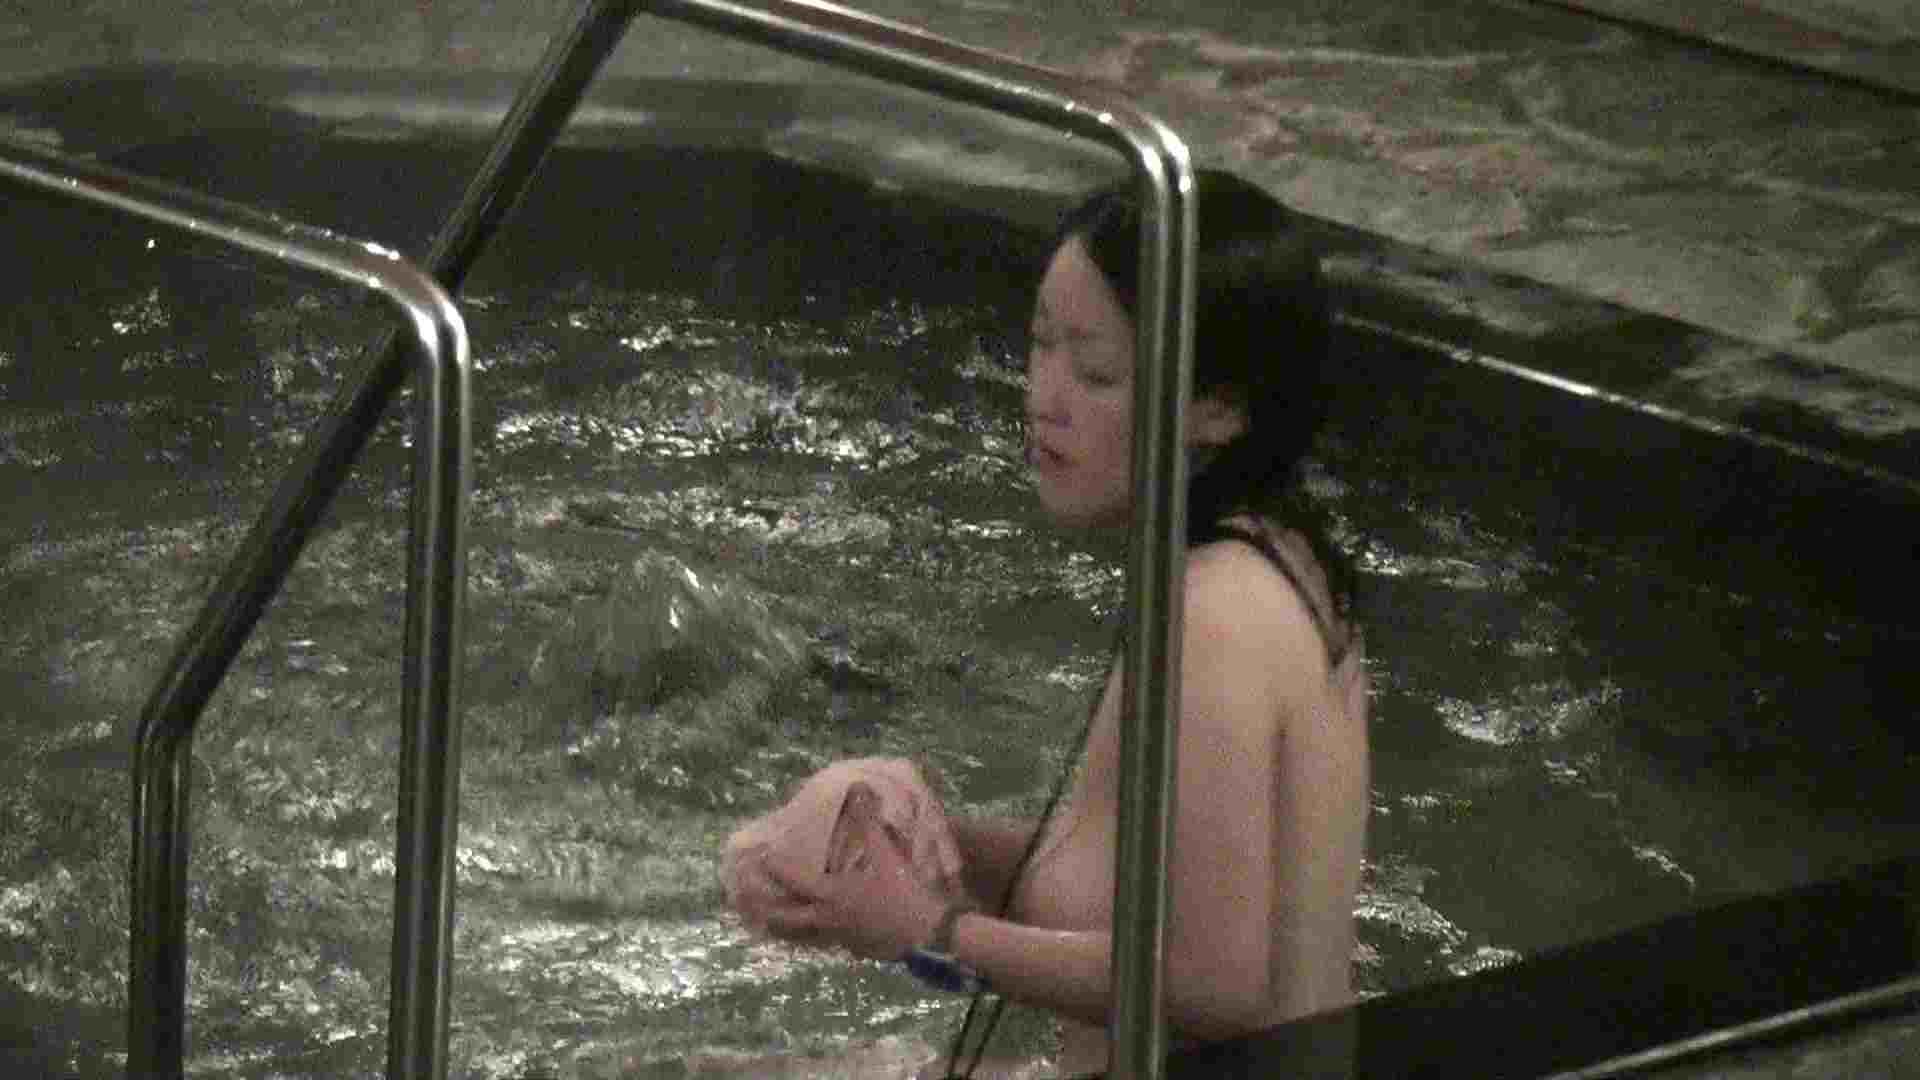 Aquaな露天風呂Vol.414 盗撮動画 | 露天風呂  11枚 5